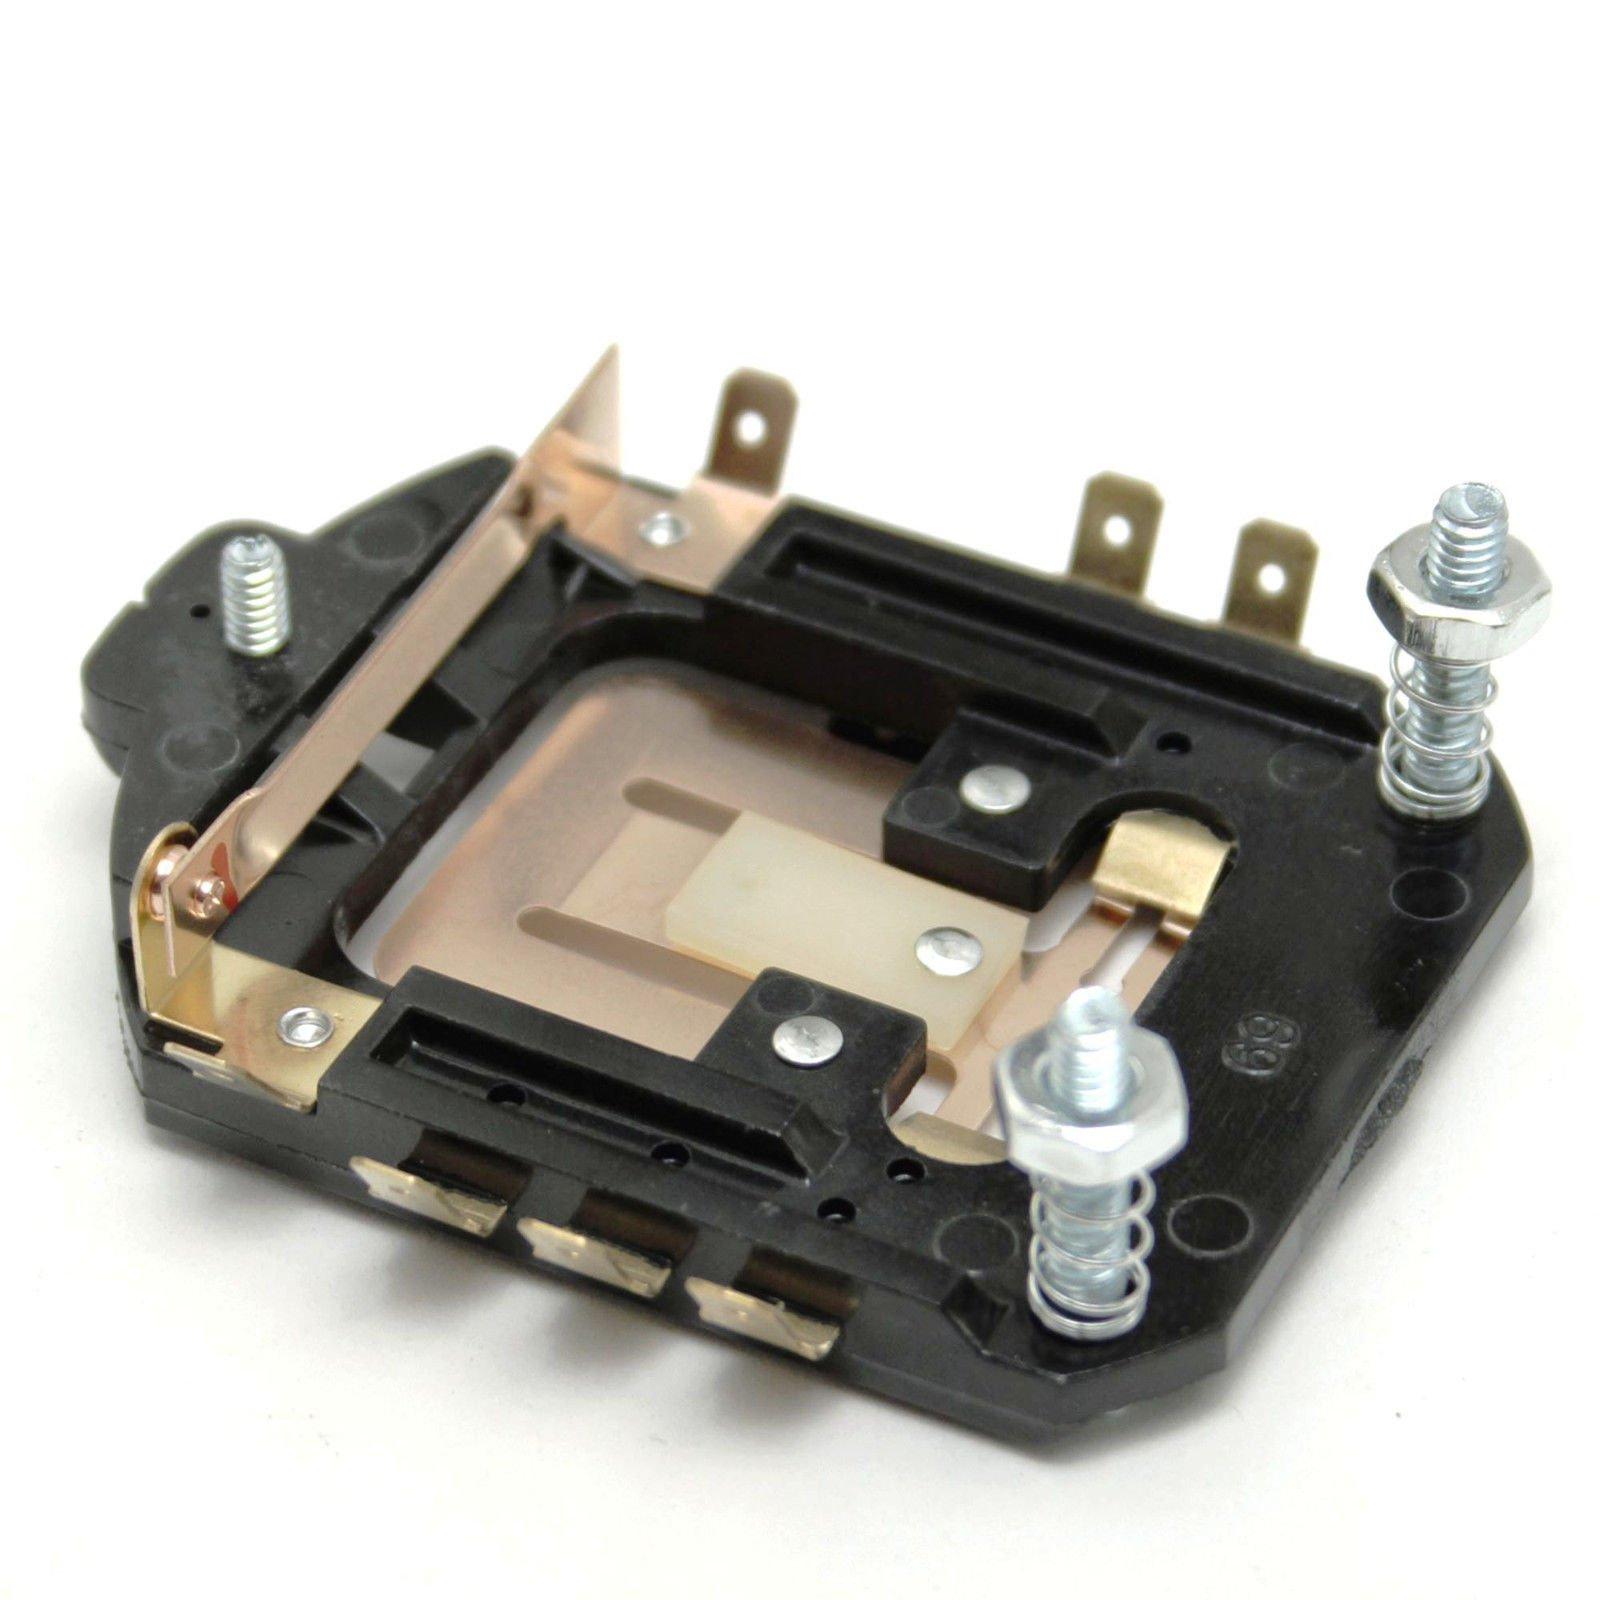 Kitchenaid W10119326 Stand Mixer Speed Control Board Genuine Original Equipment Manufacturer (OEM) part for Kitchenaid